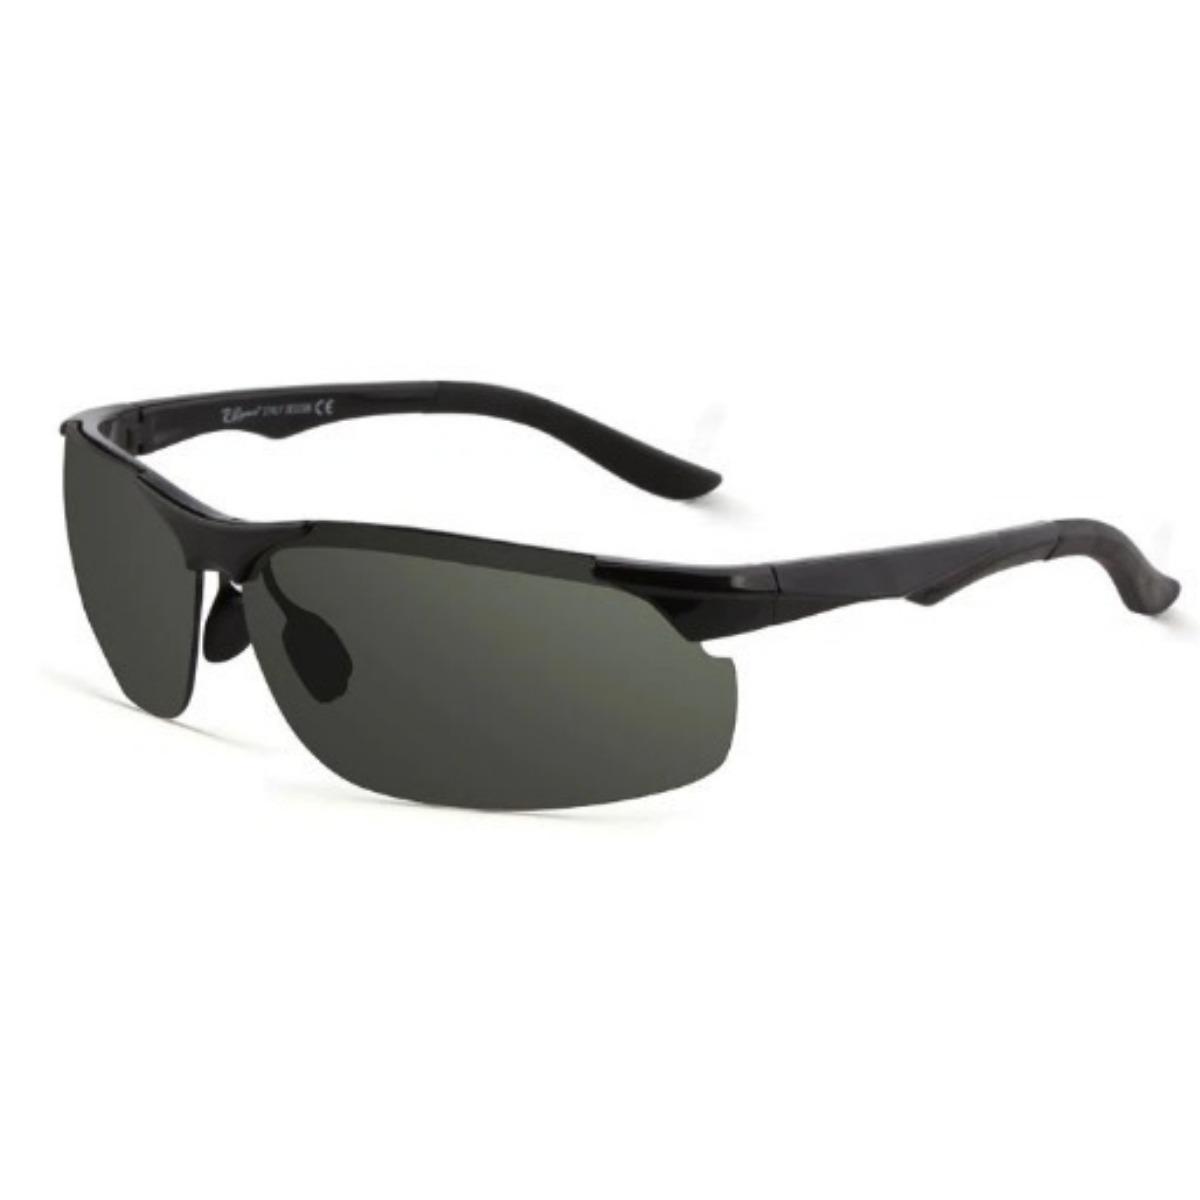 Óculos De Sol Homens Passeio Esporte Luxo - R  121,00 em Mercado Livre a6f3392b6b